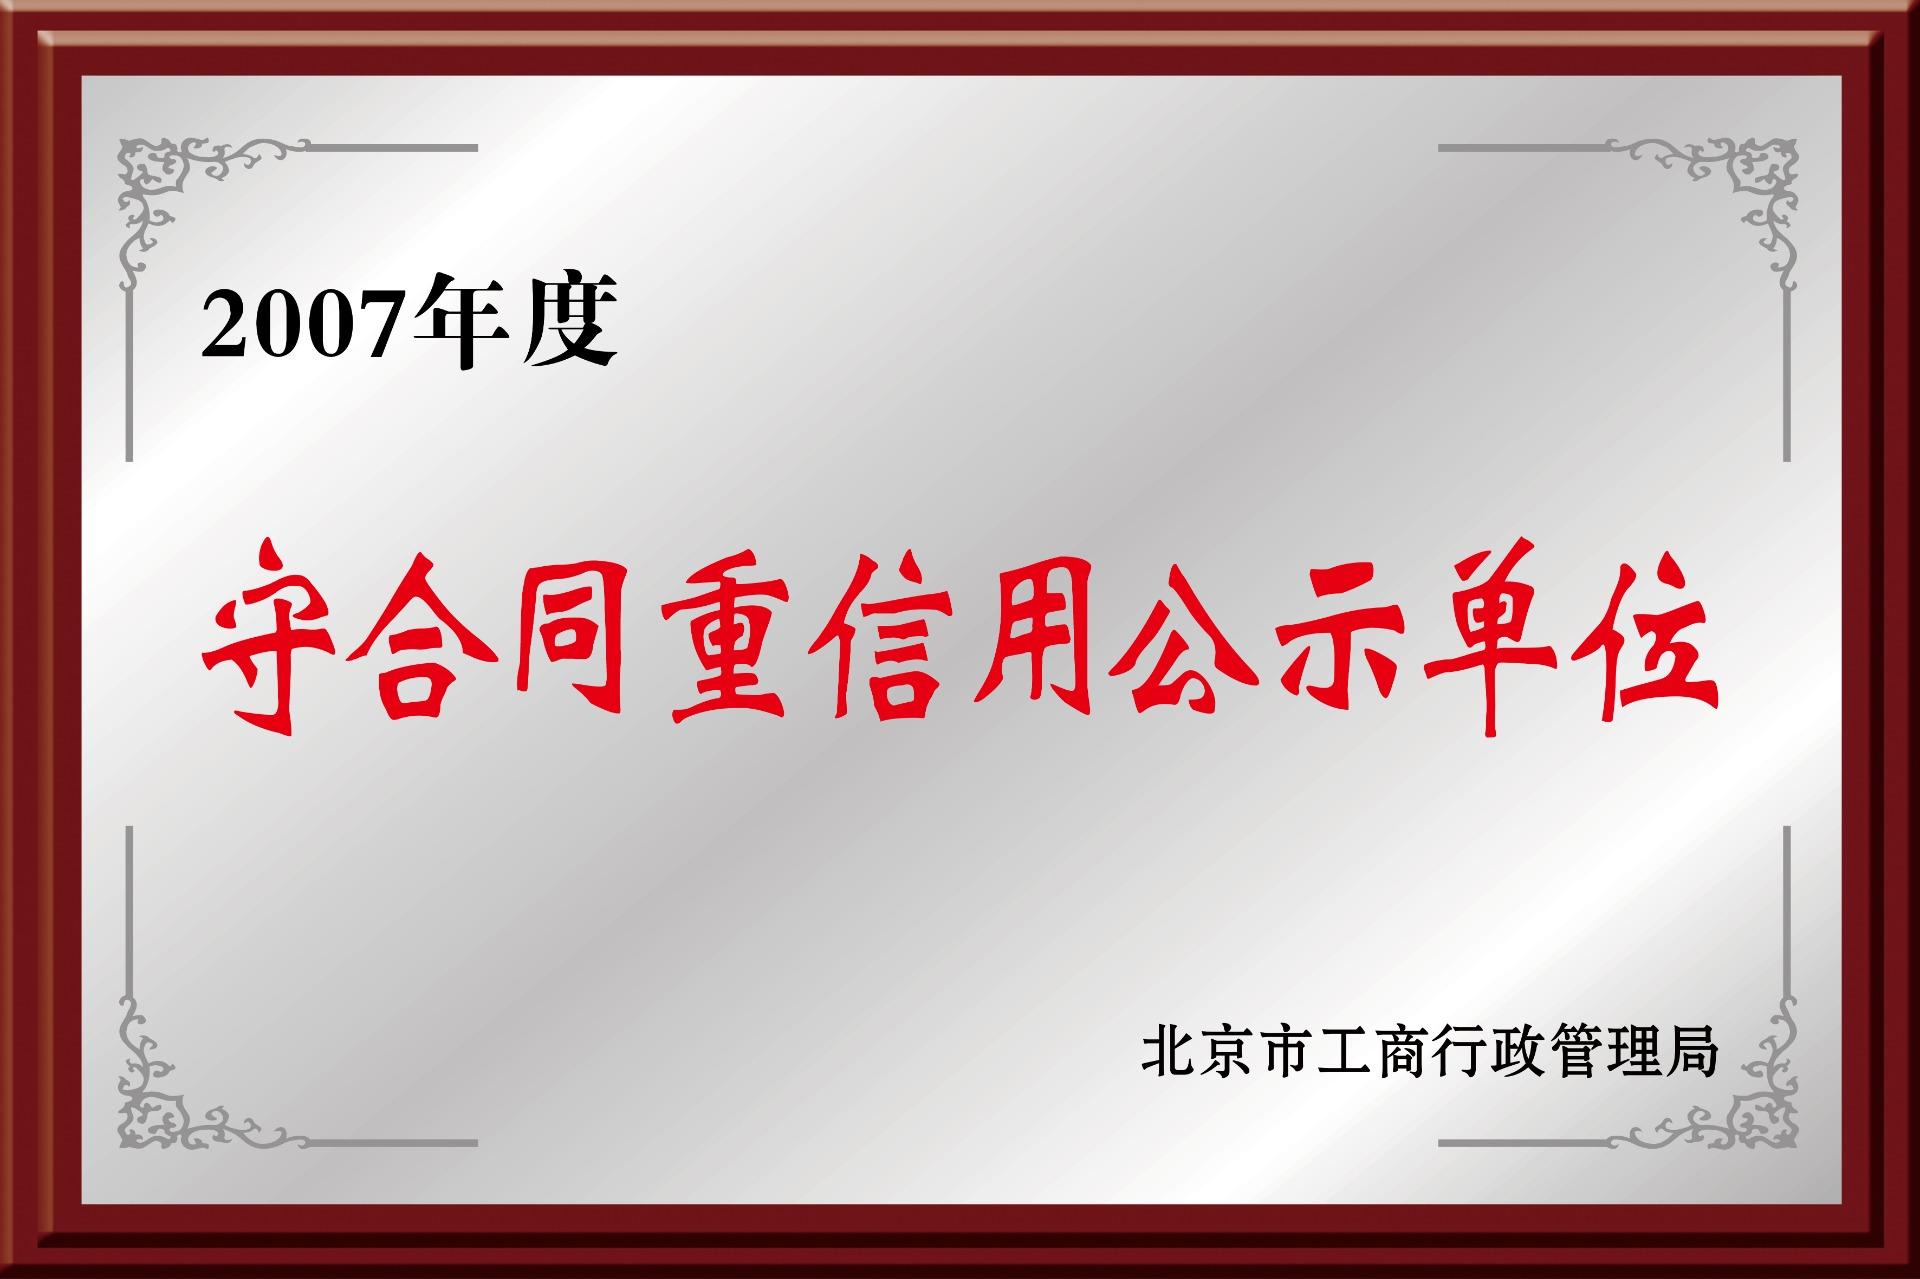 京联鑫荣誉01_20210609_193936967